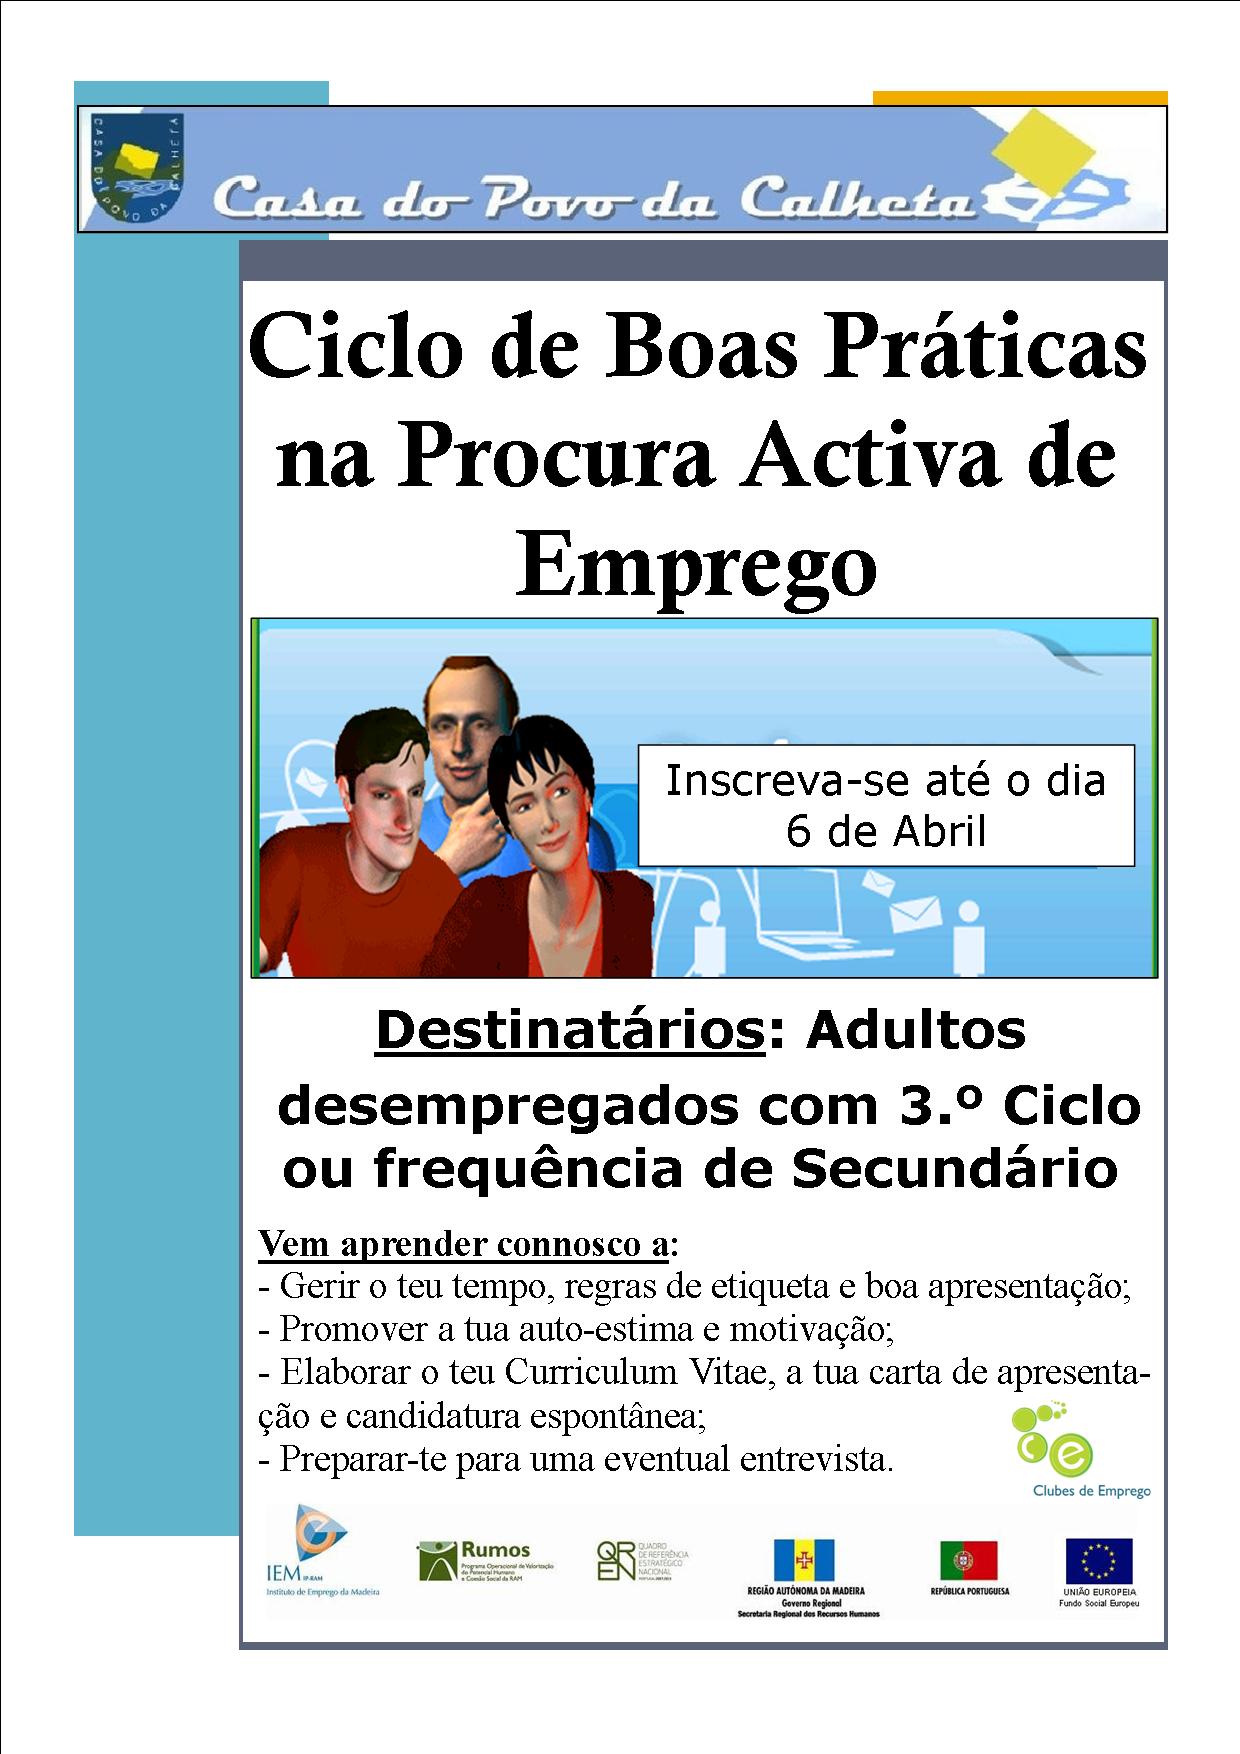 CICLO DE BOAS PRÁTICAS